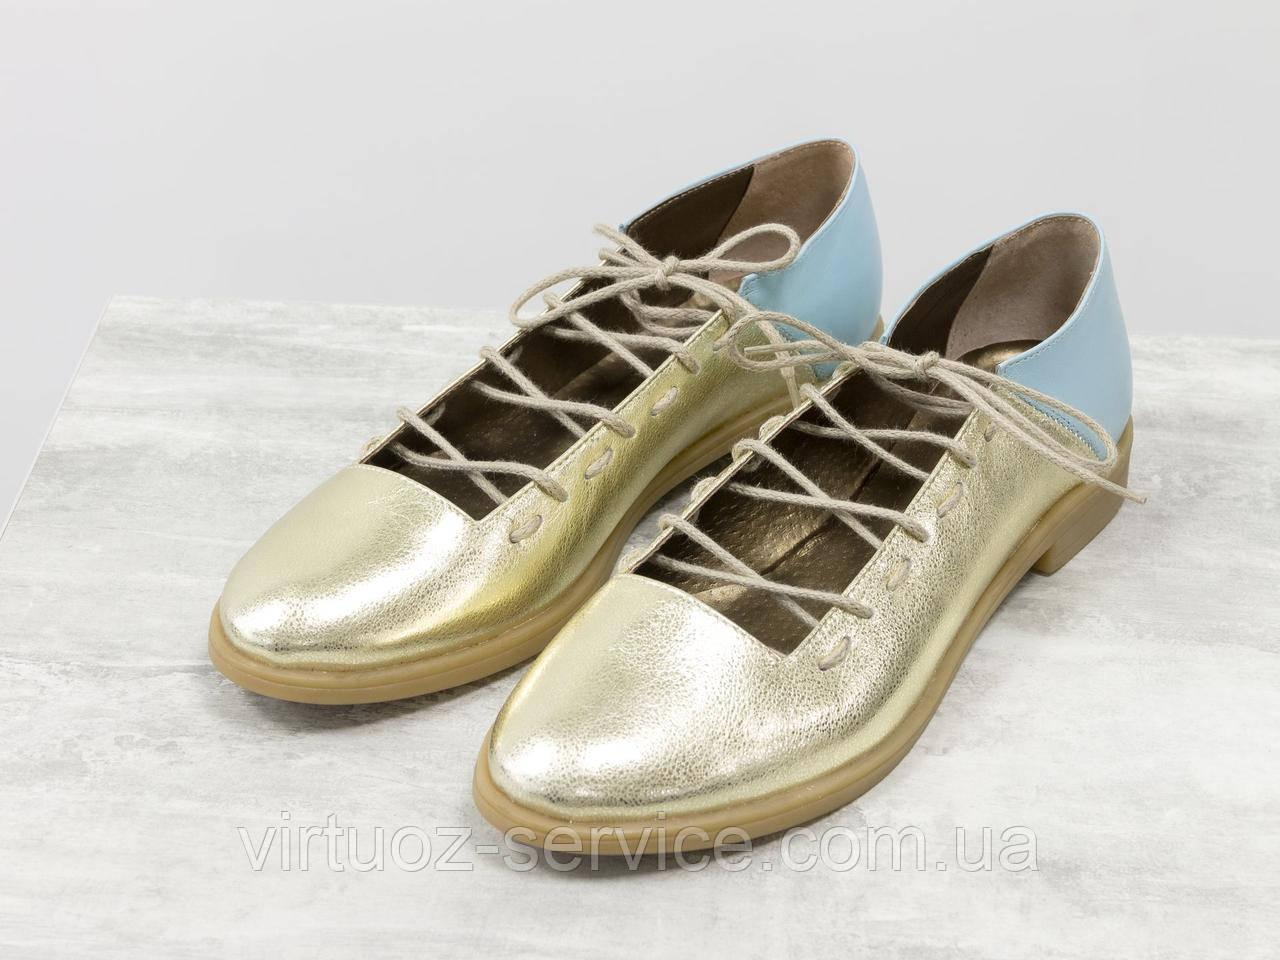 Туфли Gino Figini Д-18-03 из натуральной кожи 37 Золотые